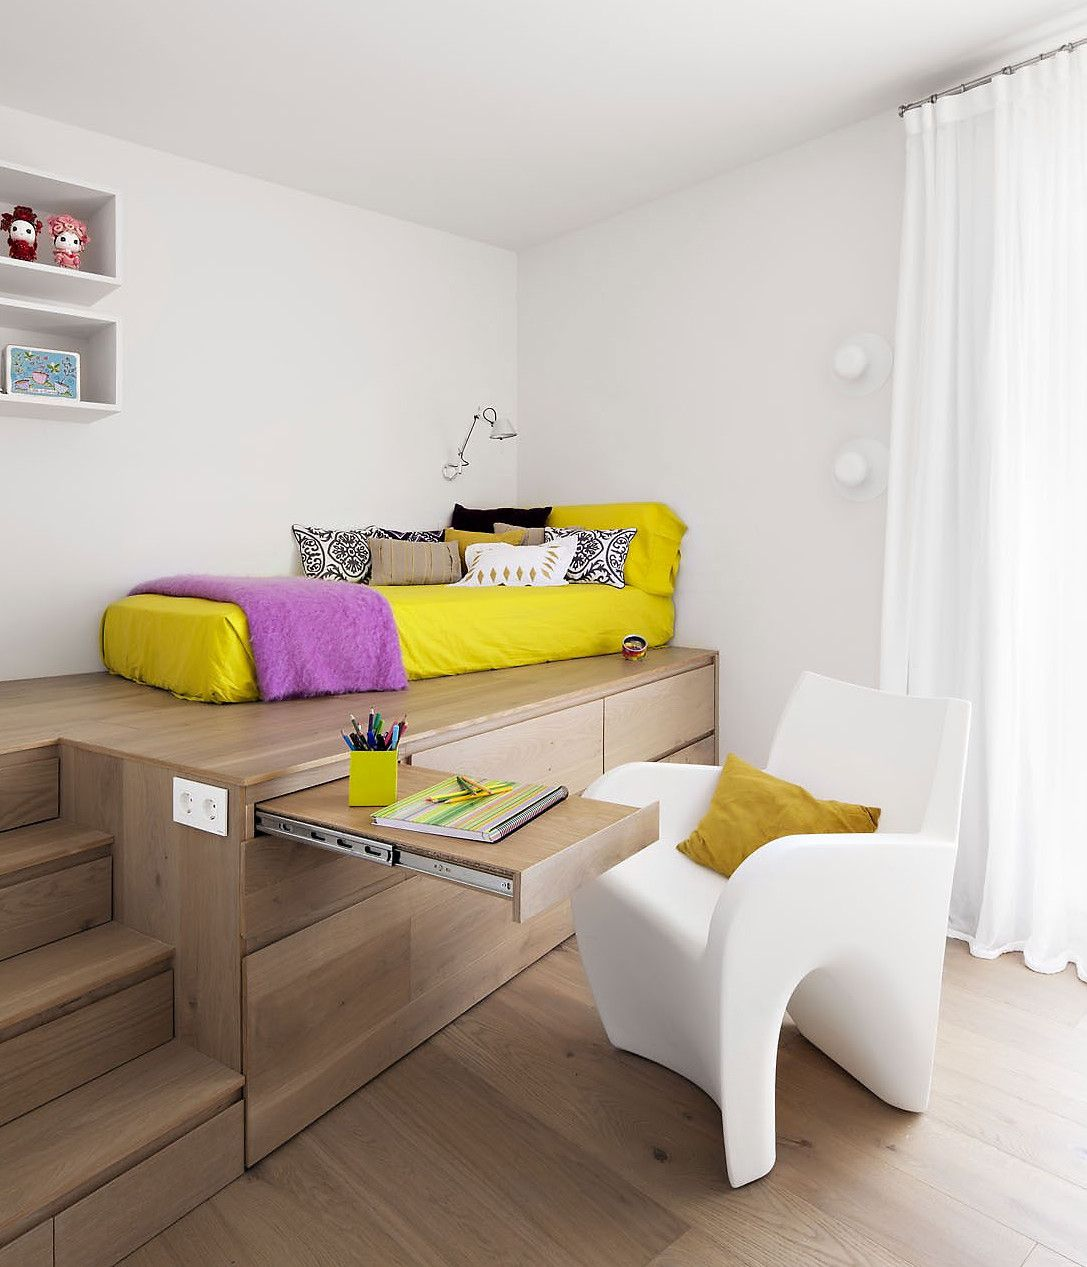 Coole Zimmer Ideen Fur Jugendliche Coole Zimmer Wohnung